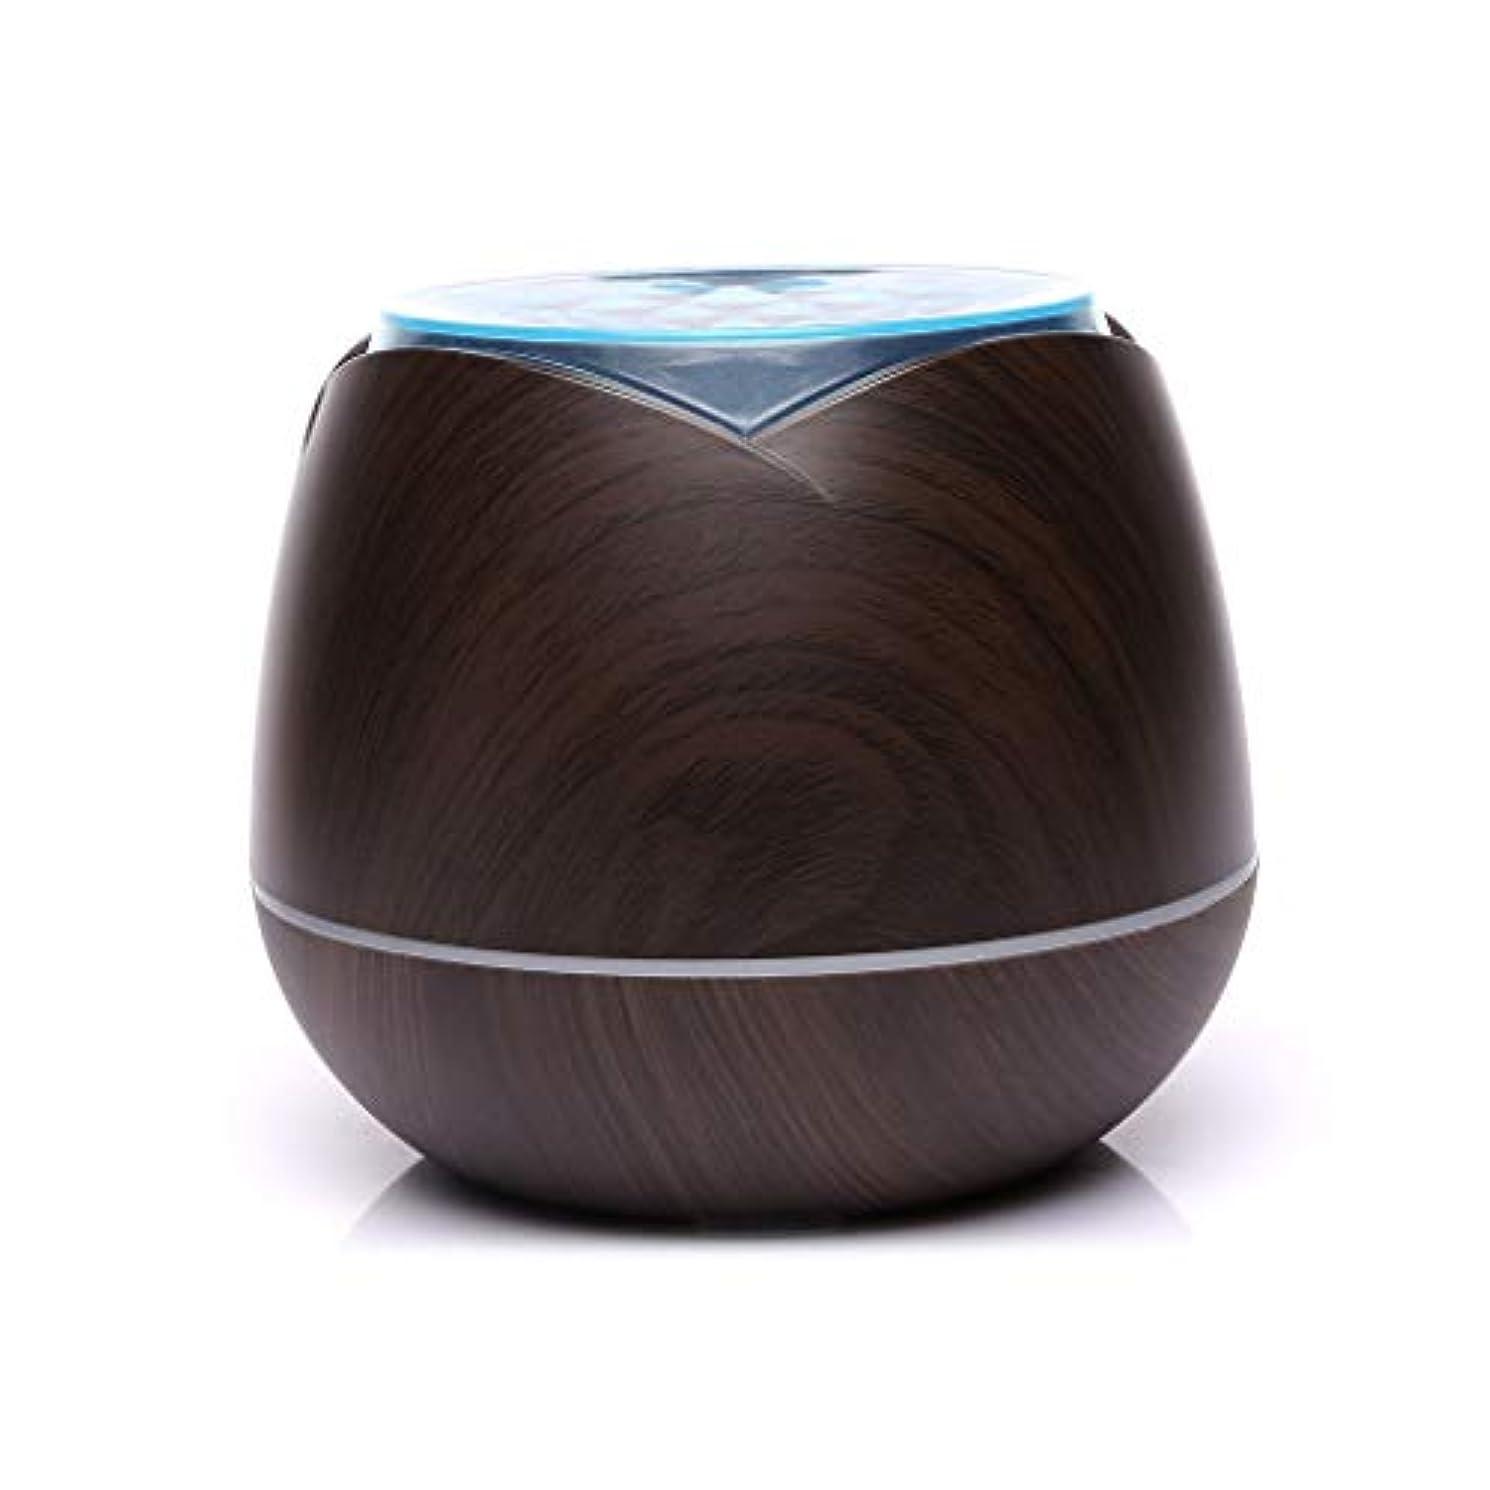 涼しい霧の空気加湿器、家、ヨガ、オフィス、鉱泉、寝室のために変わる色LEDライトと超音波400ml - 木目 - (Color : Dark wood grain)